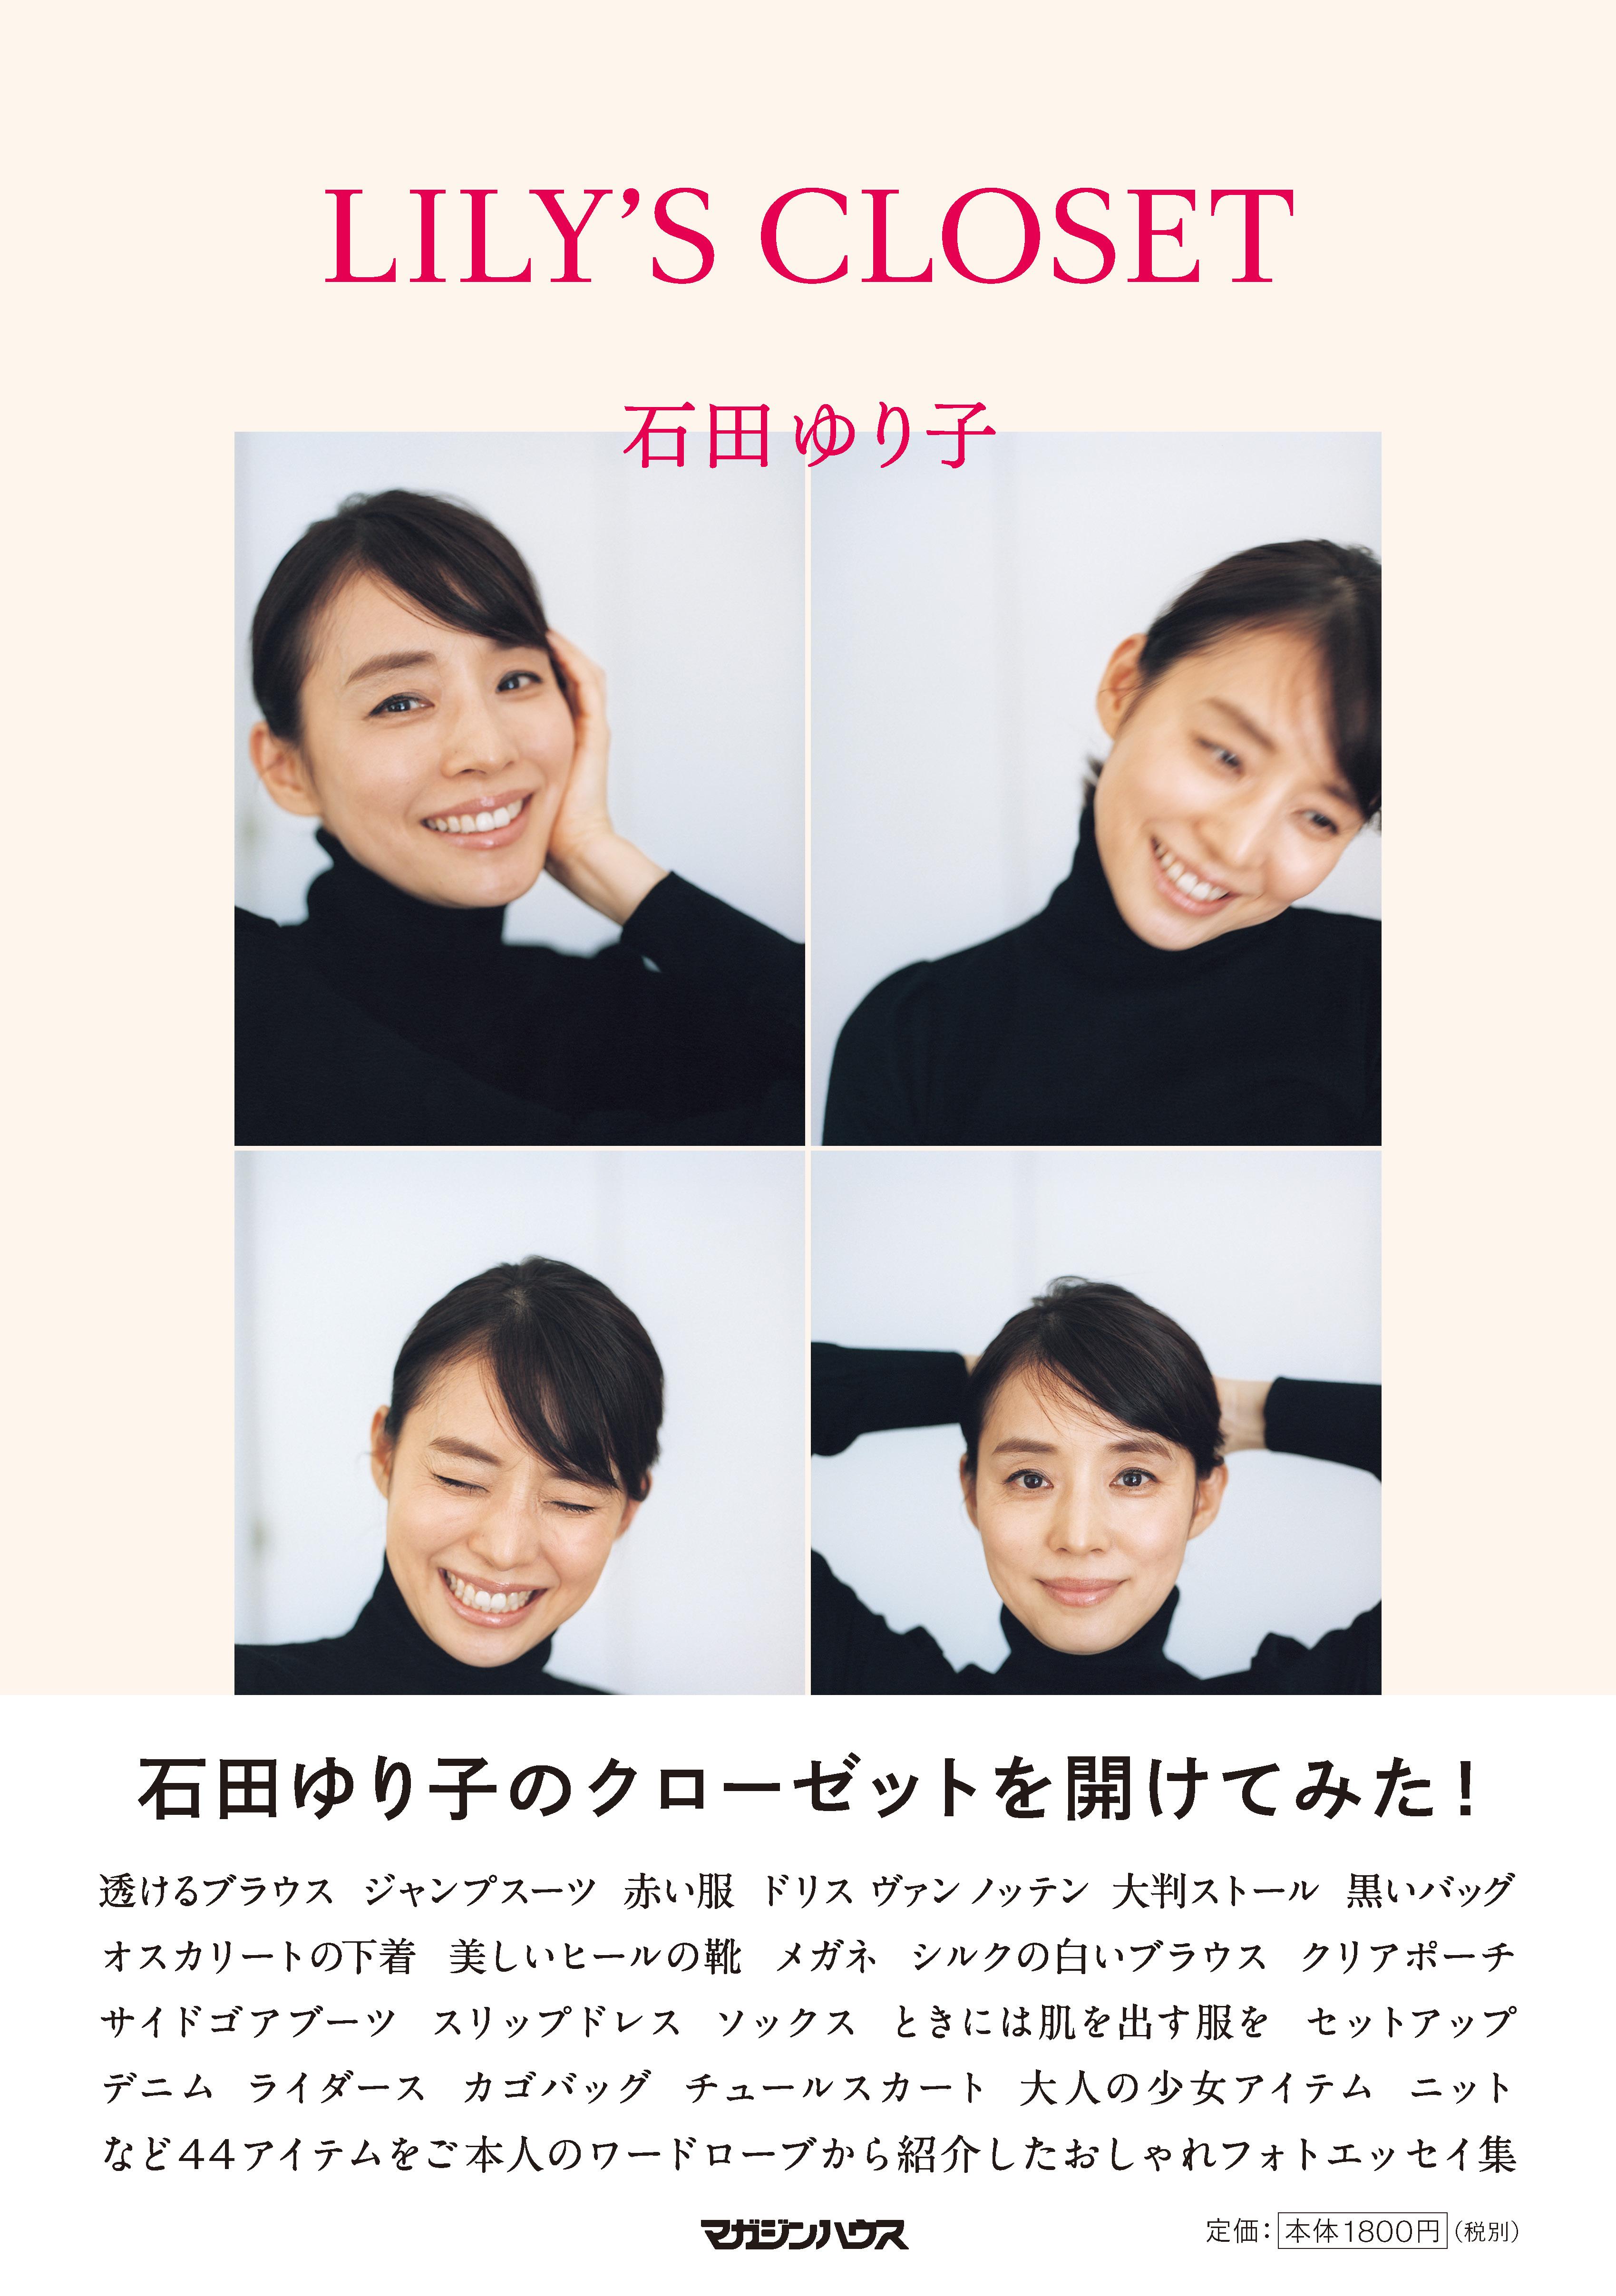 石田ゆり子さん書籍「LILY'S CLOSET」(マガジンハウス刊)にてご紹介いただきました!